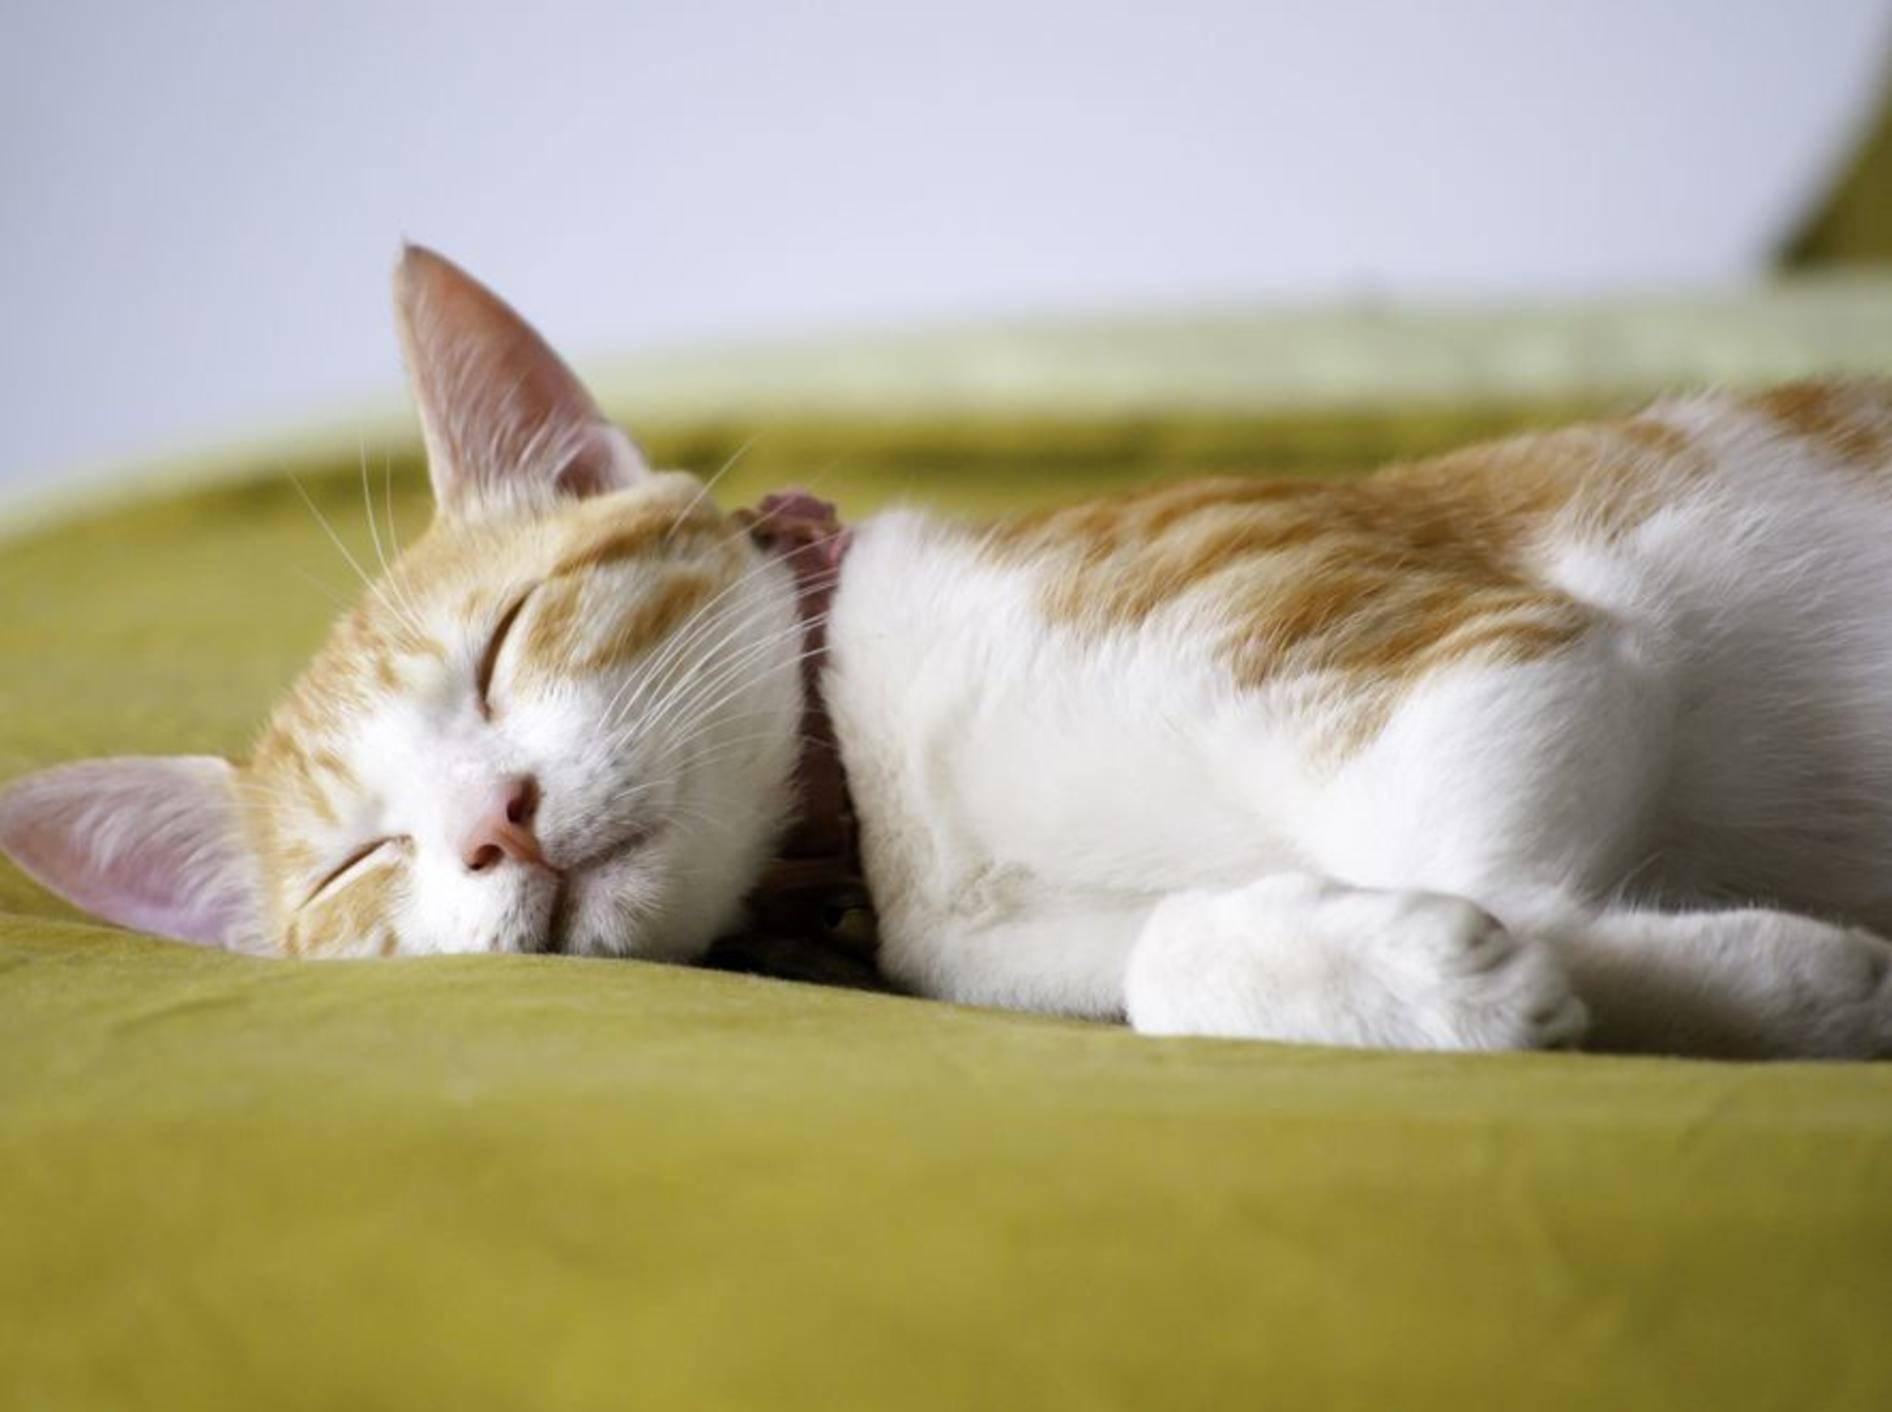 rot-weisse-katze-schläft